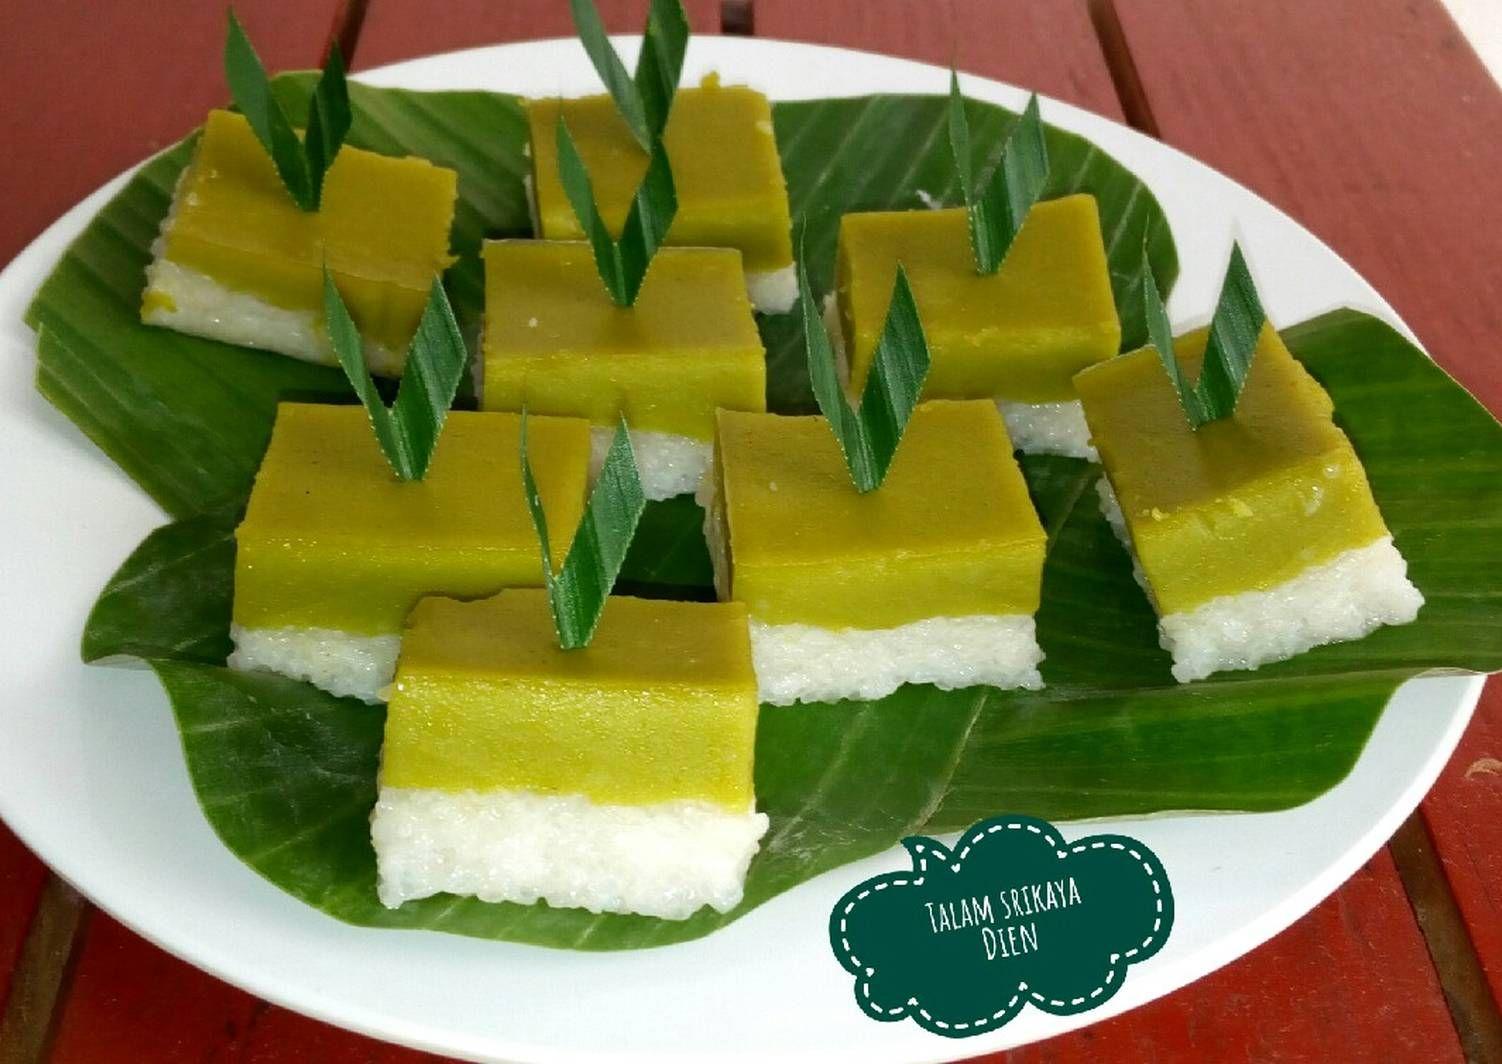 Resep Talam Srikaya Pandan Oleh Dapur Dien Resep Makanan Resep Resep Kue